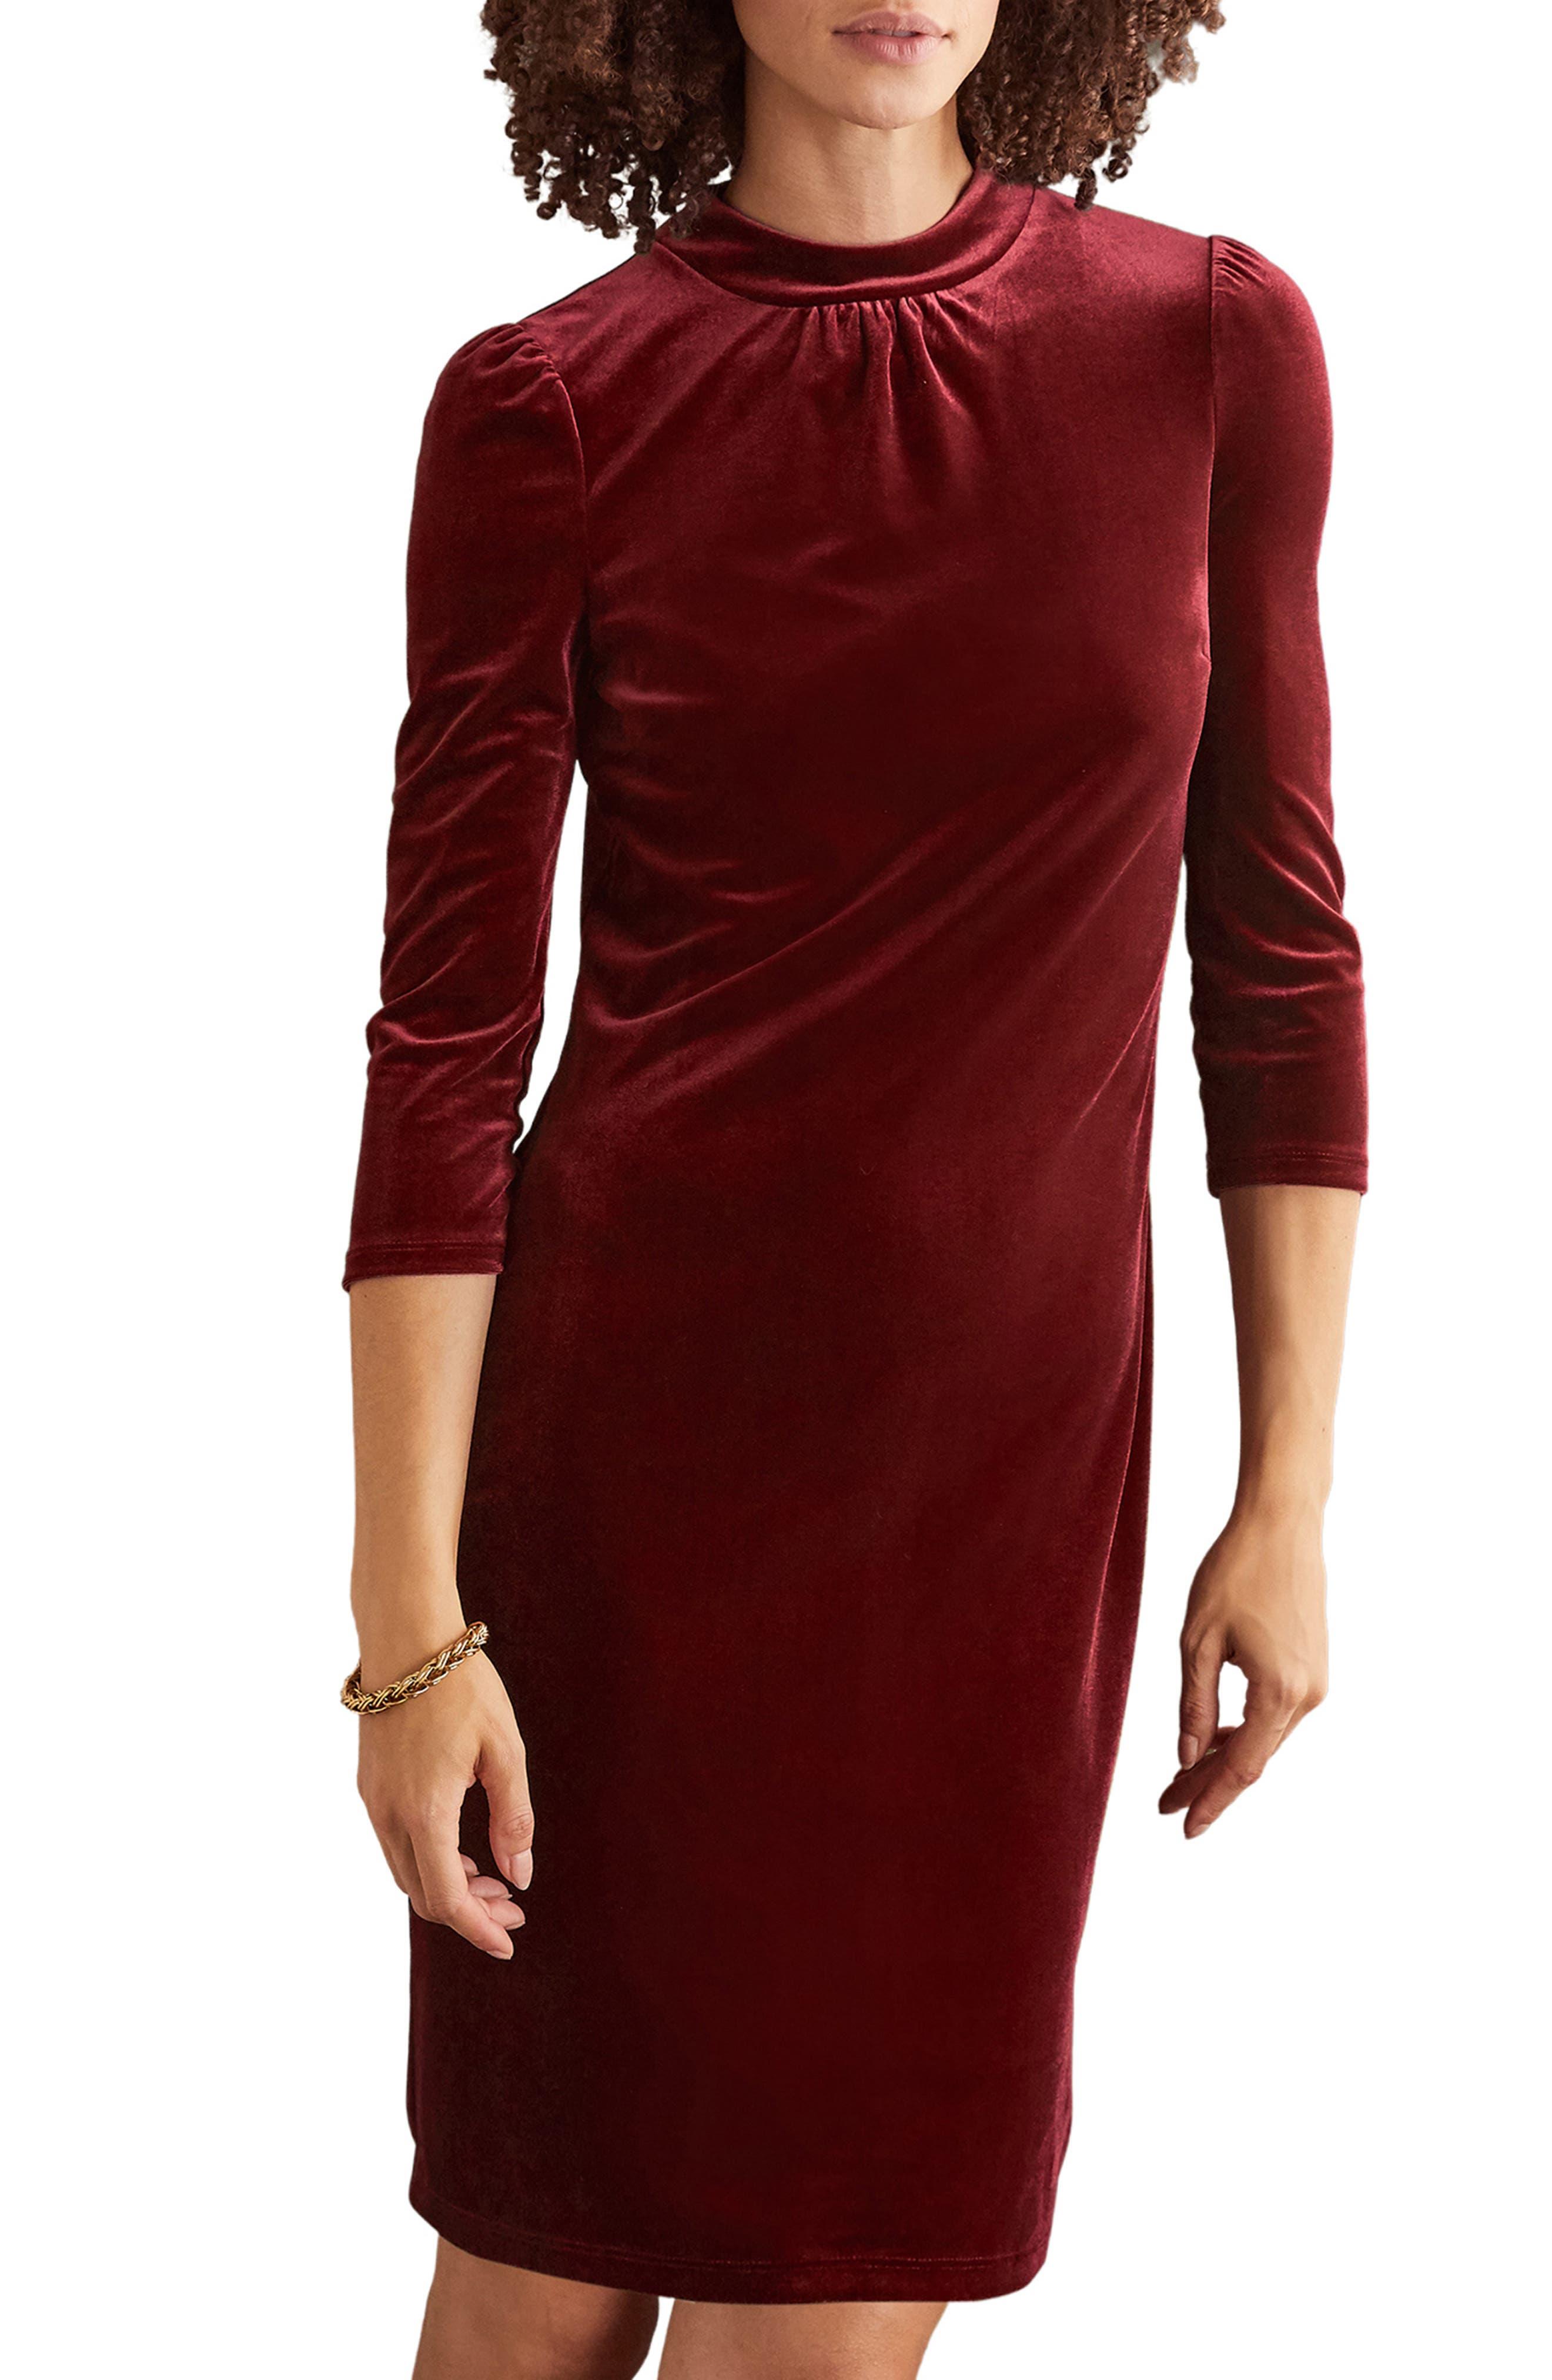 Image of BODEN High Neck Velvet Dress